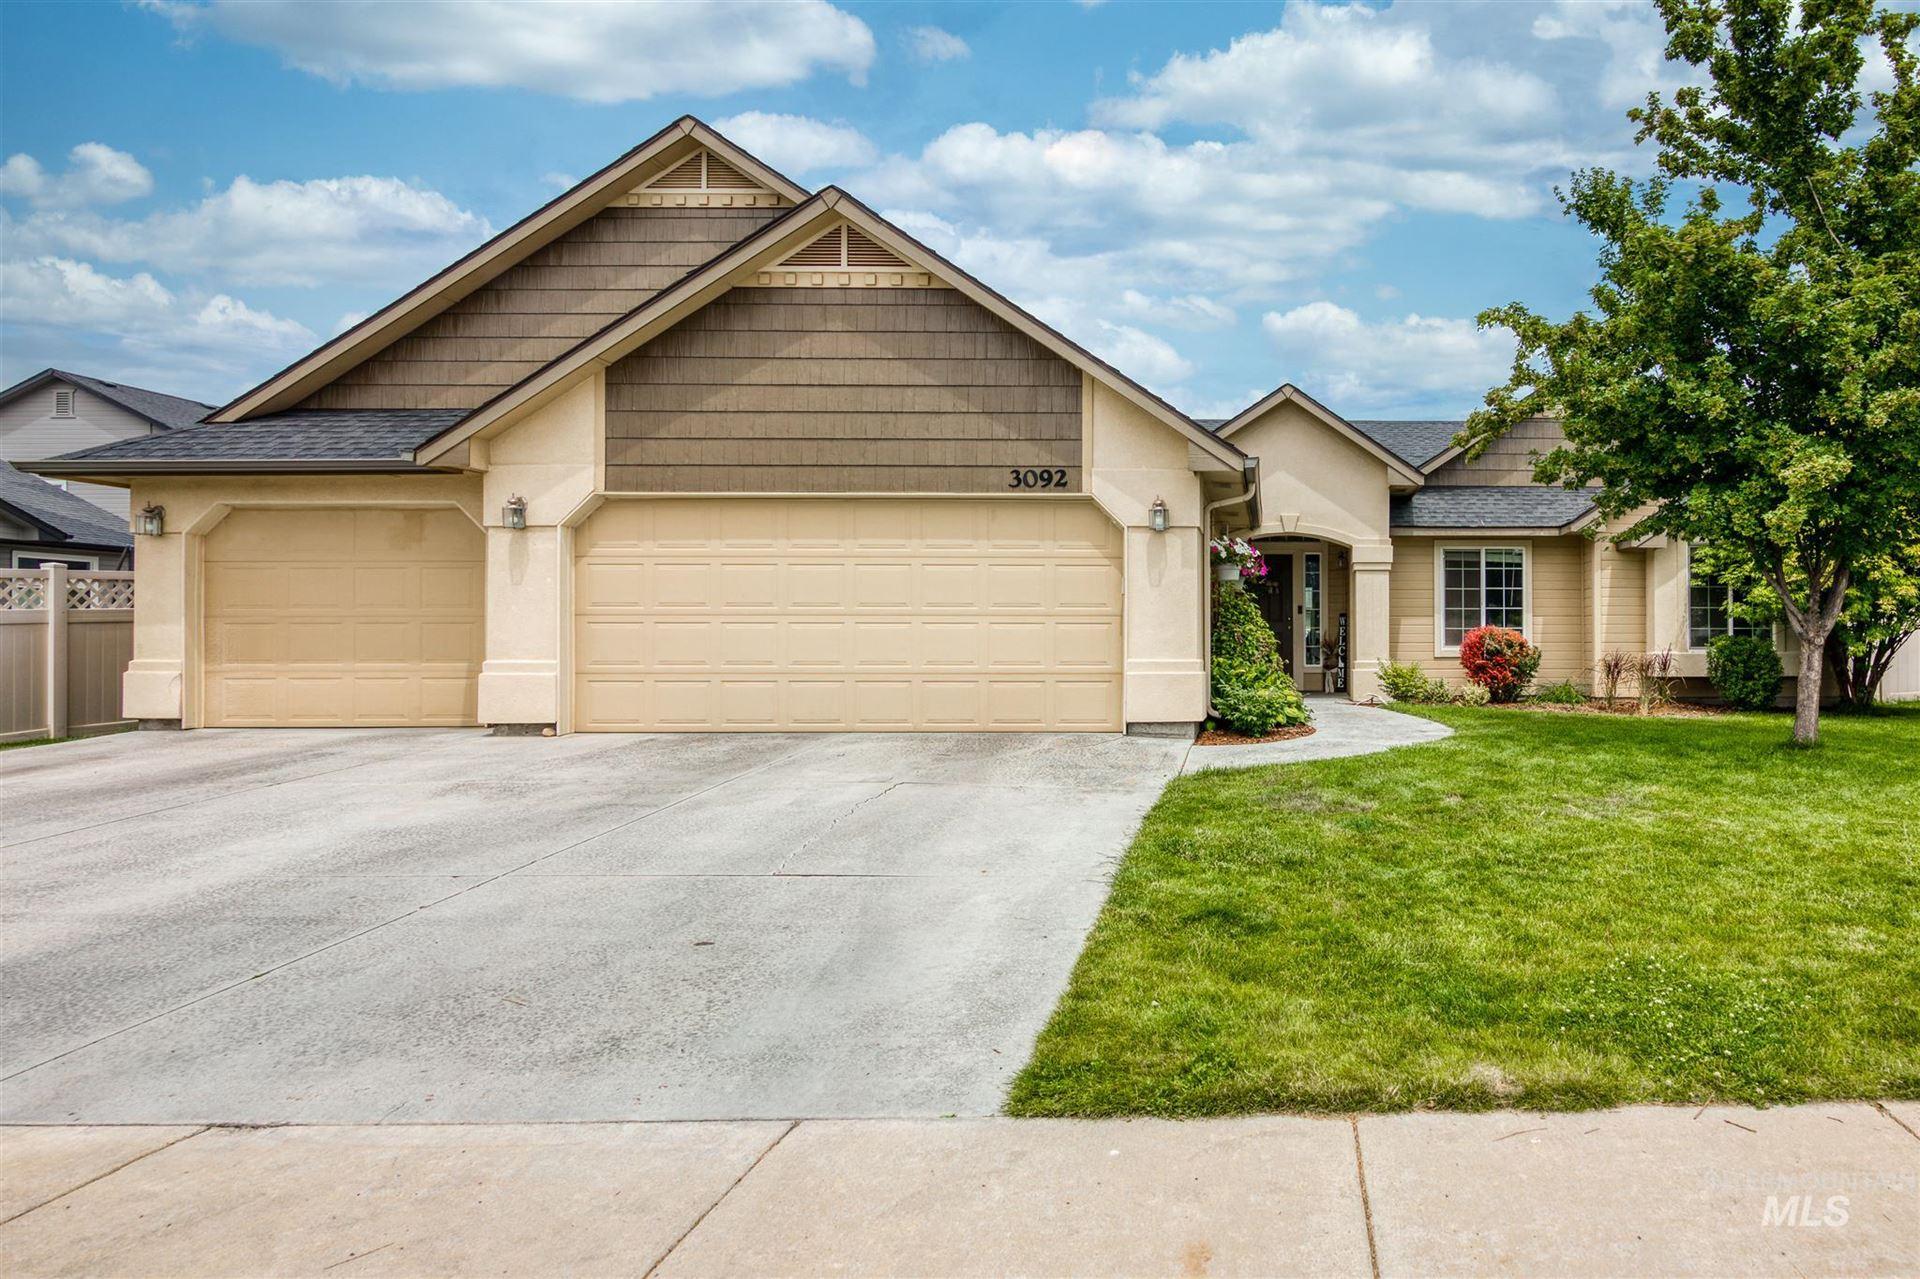 3092 Divide Creek, Meridian, ID 83646 - MLS#: 98770742